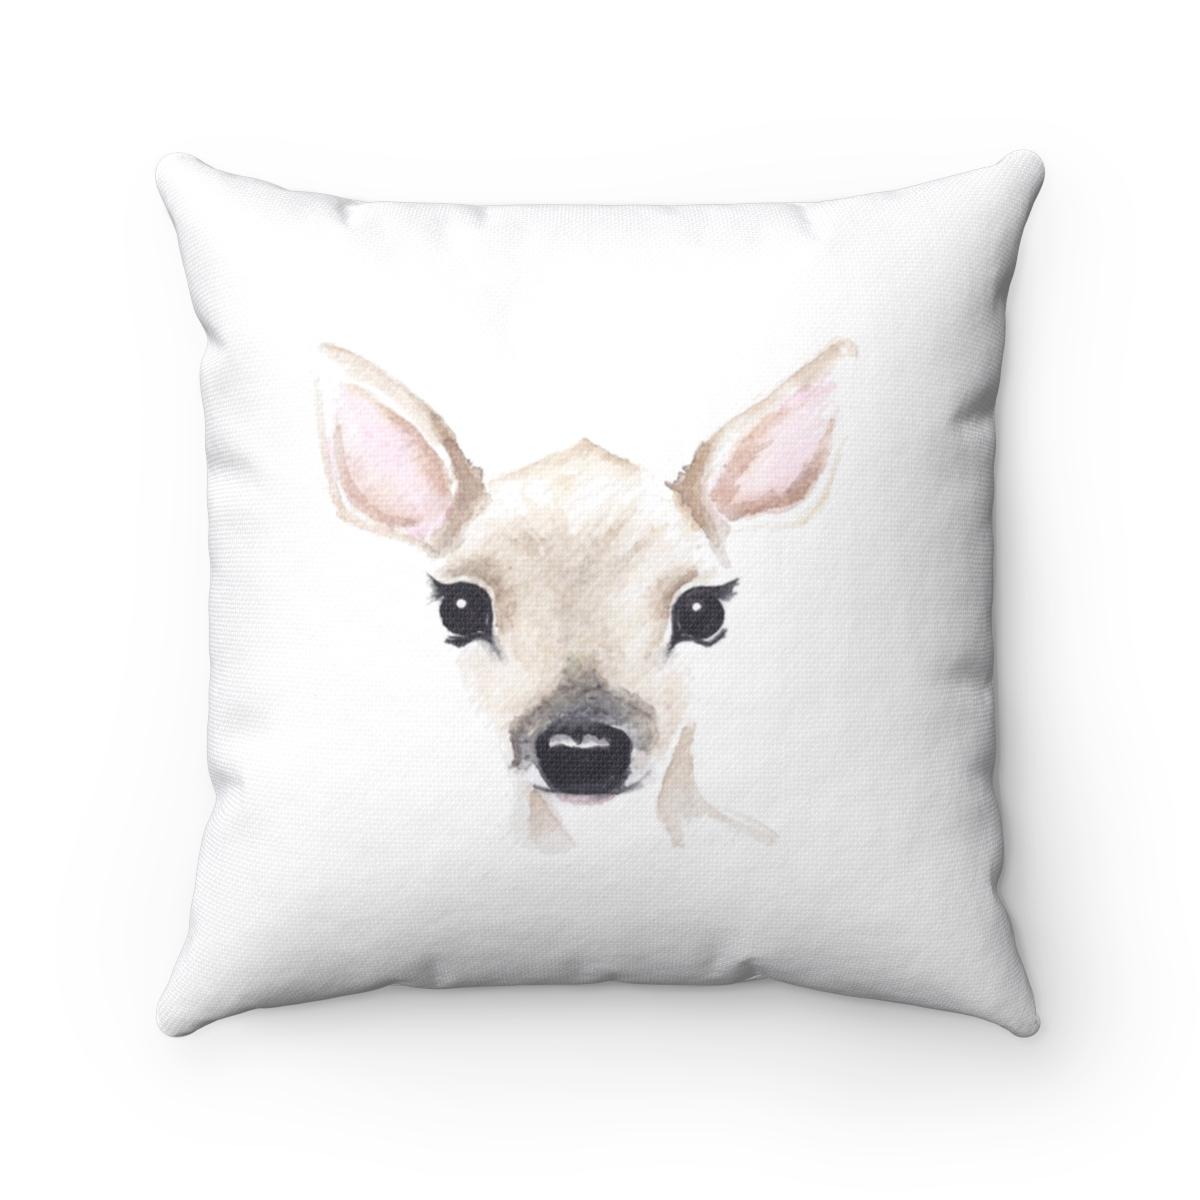 Deer Pillow Cover Paper Rose